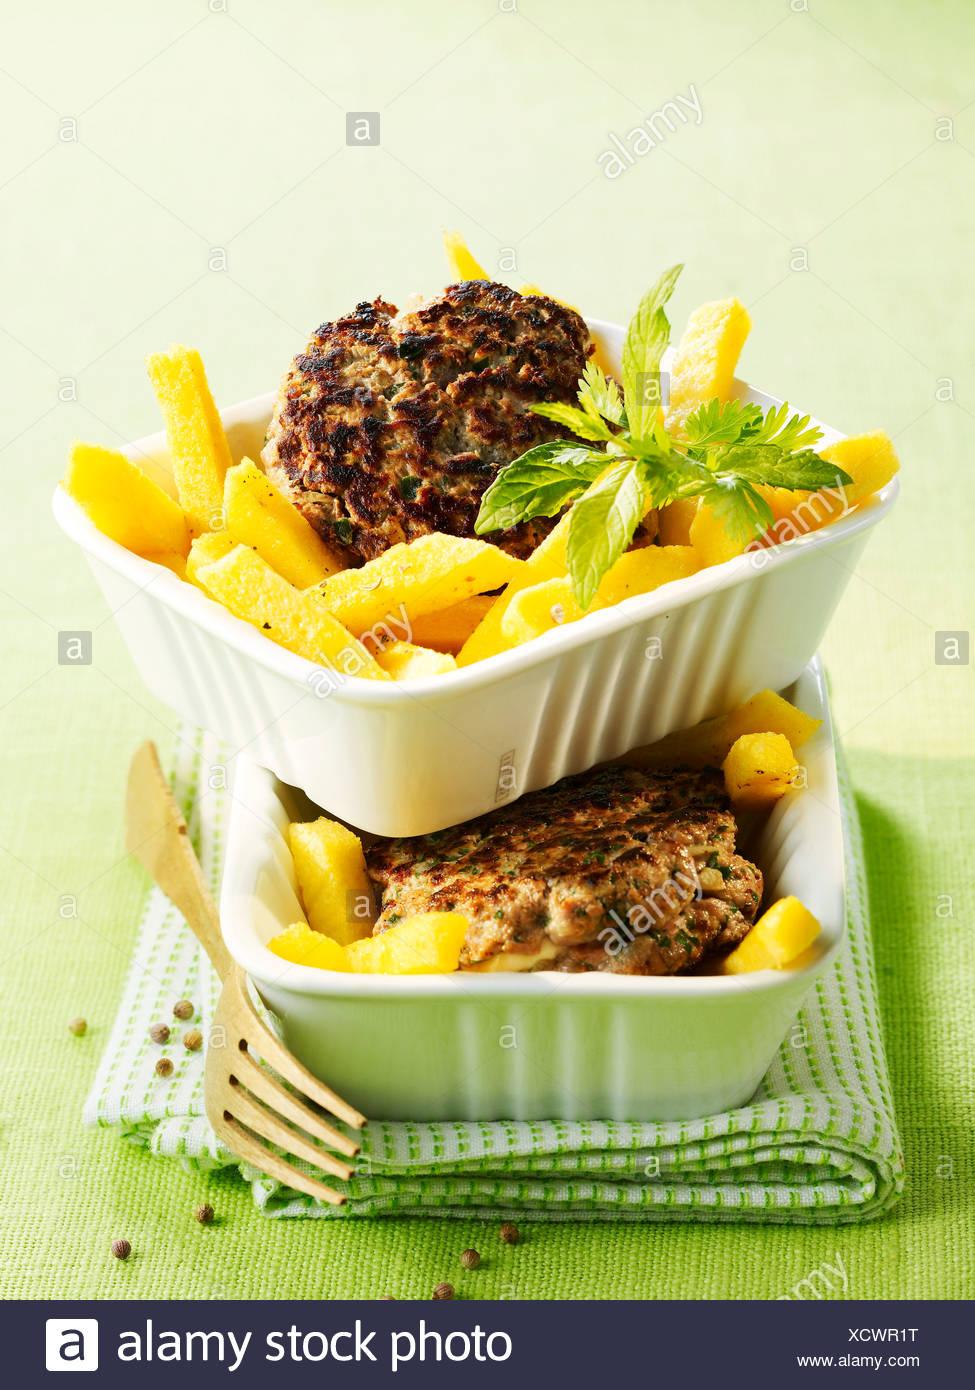 LambÊburgers - Stock Image